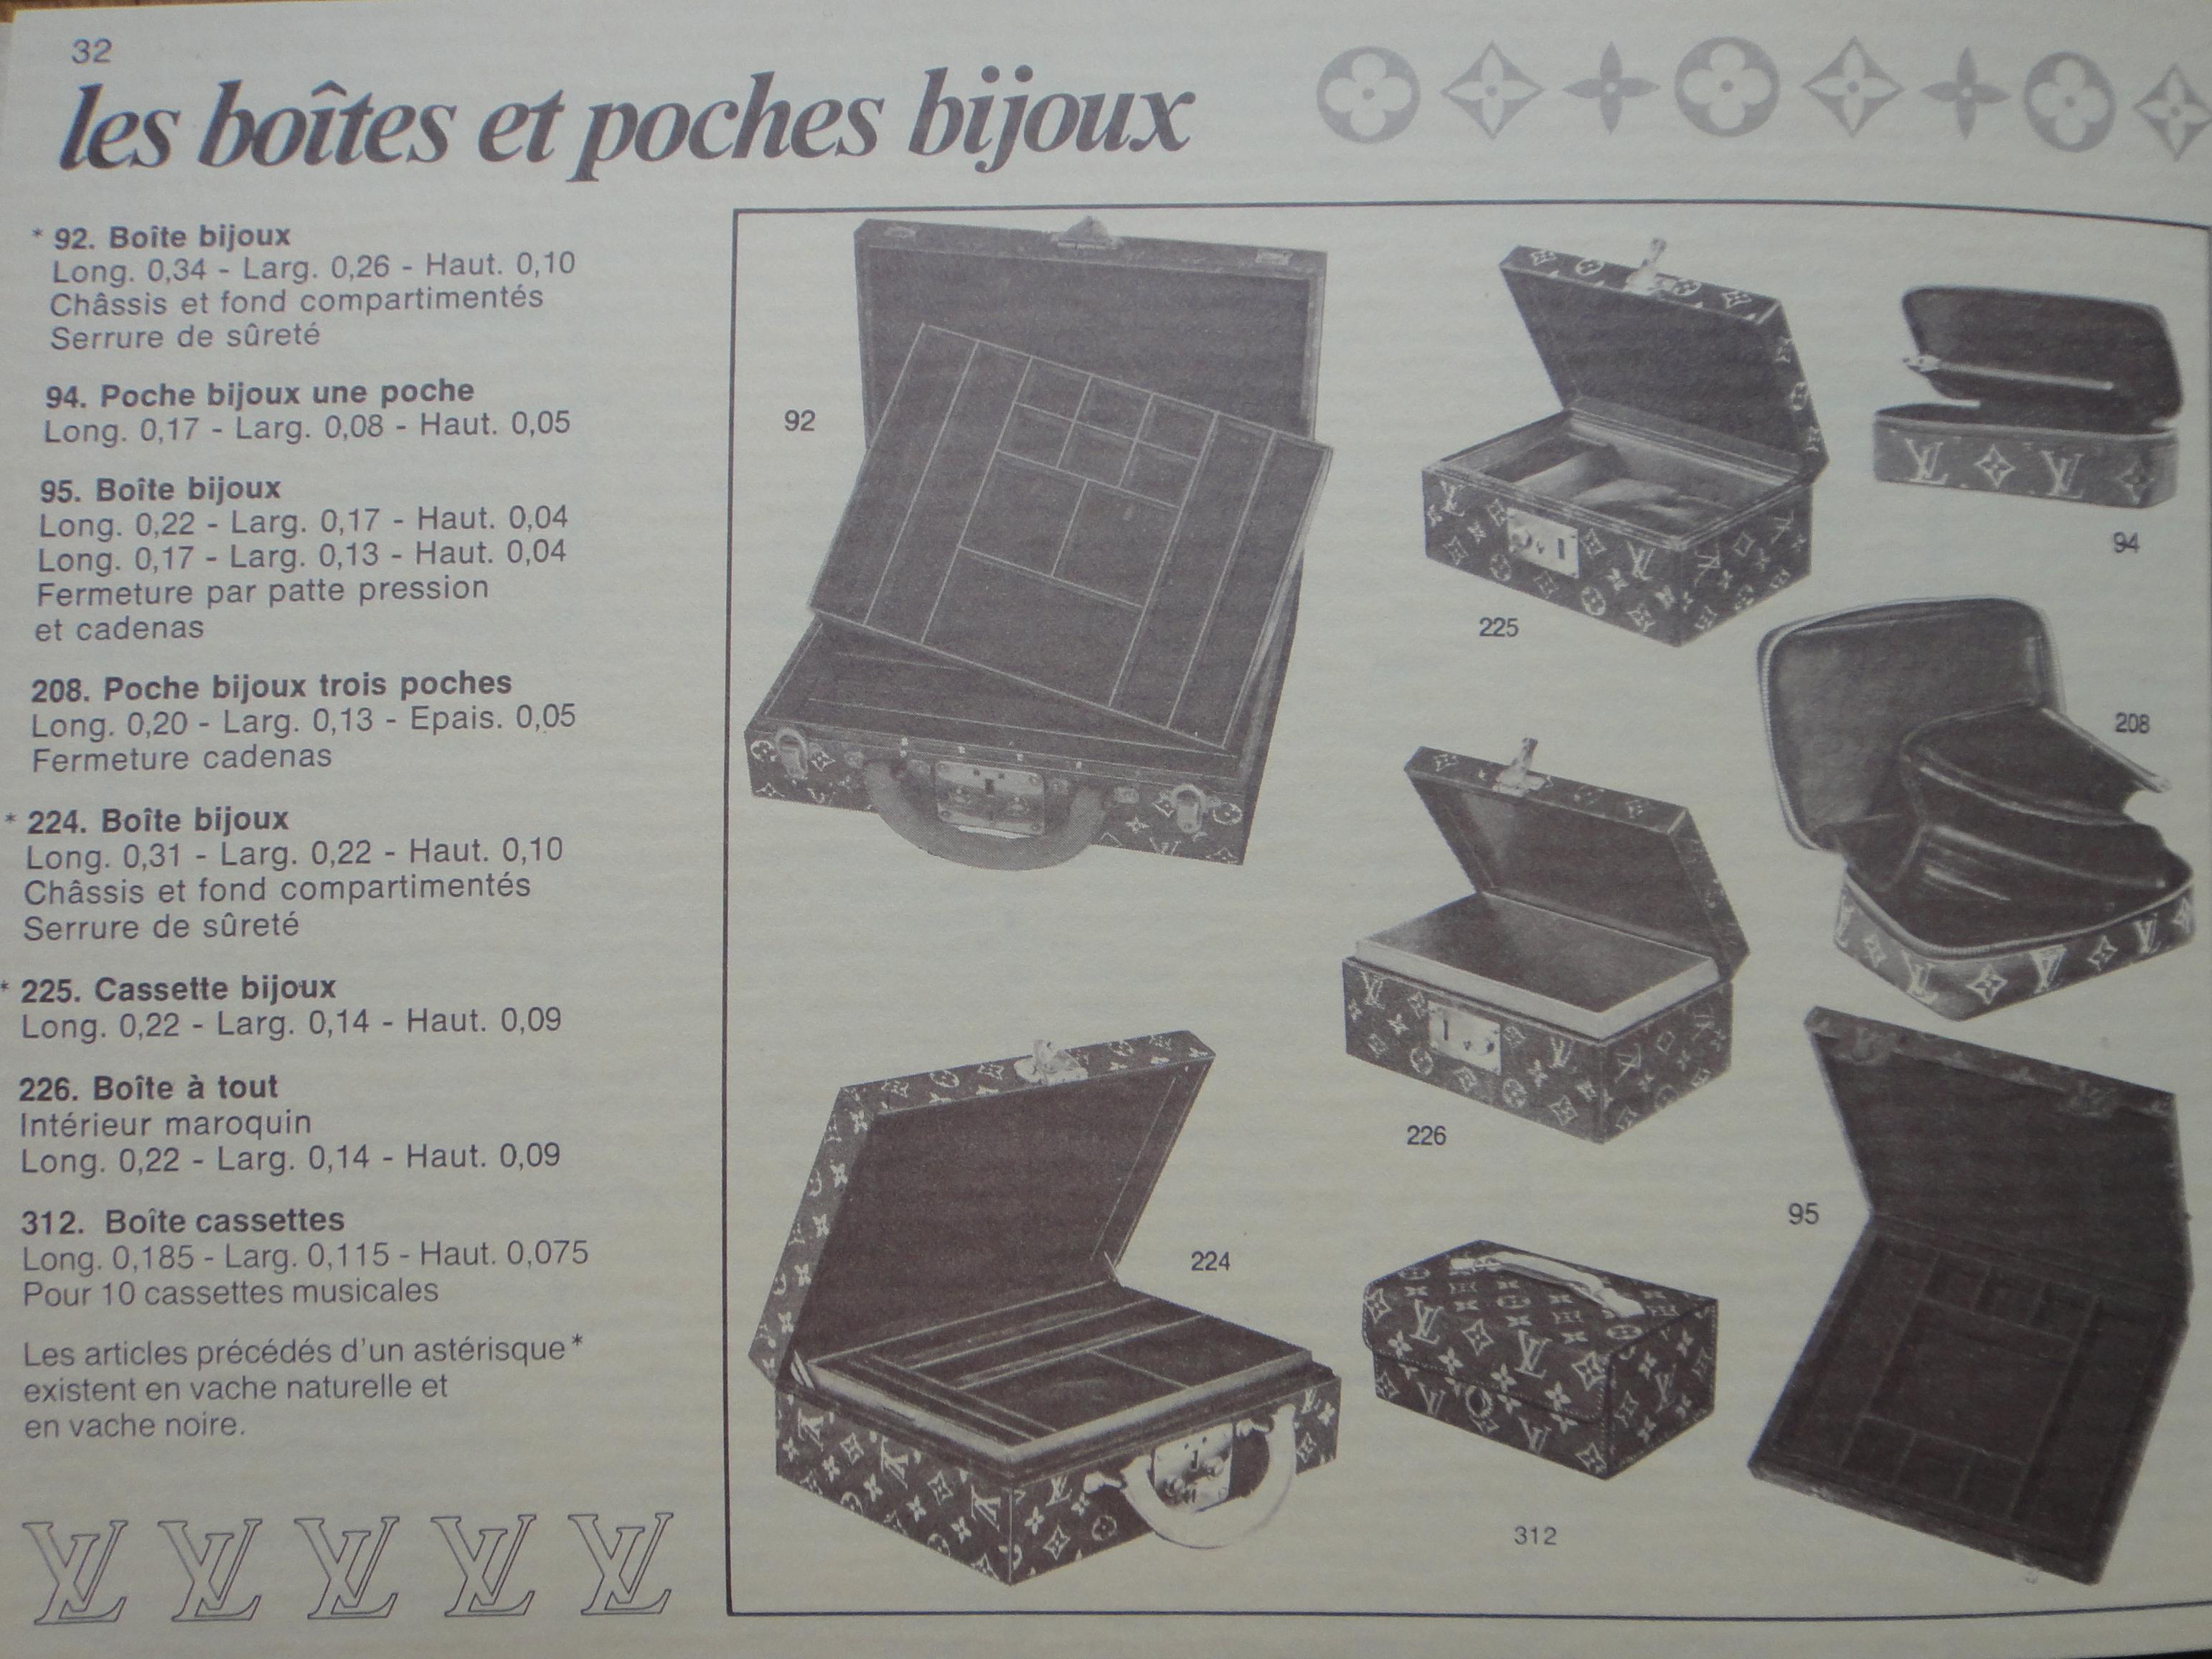 Louis Vuitton catalogue 1983